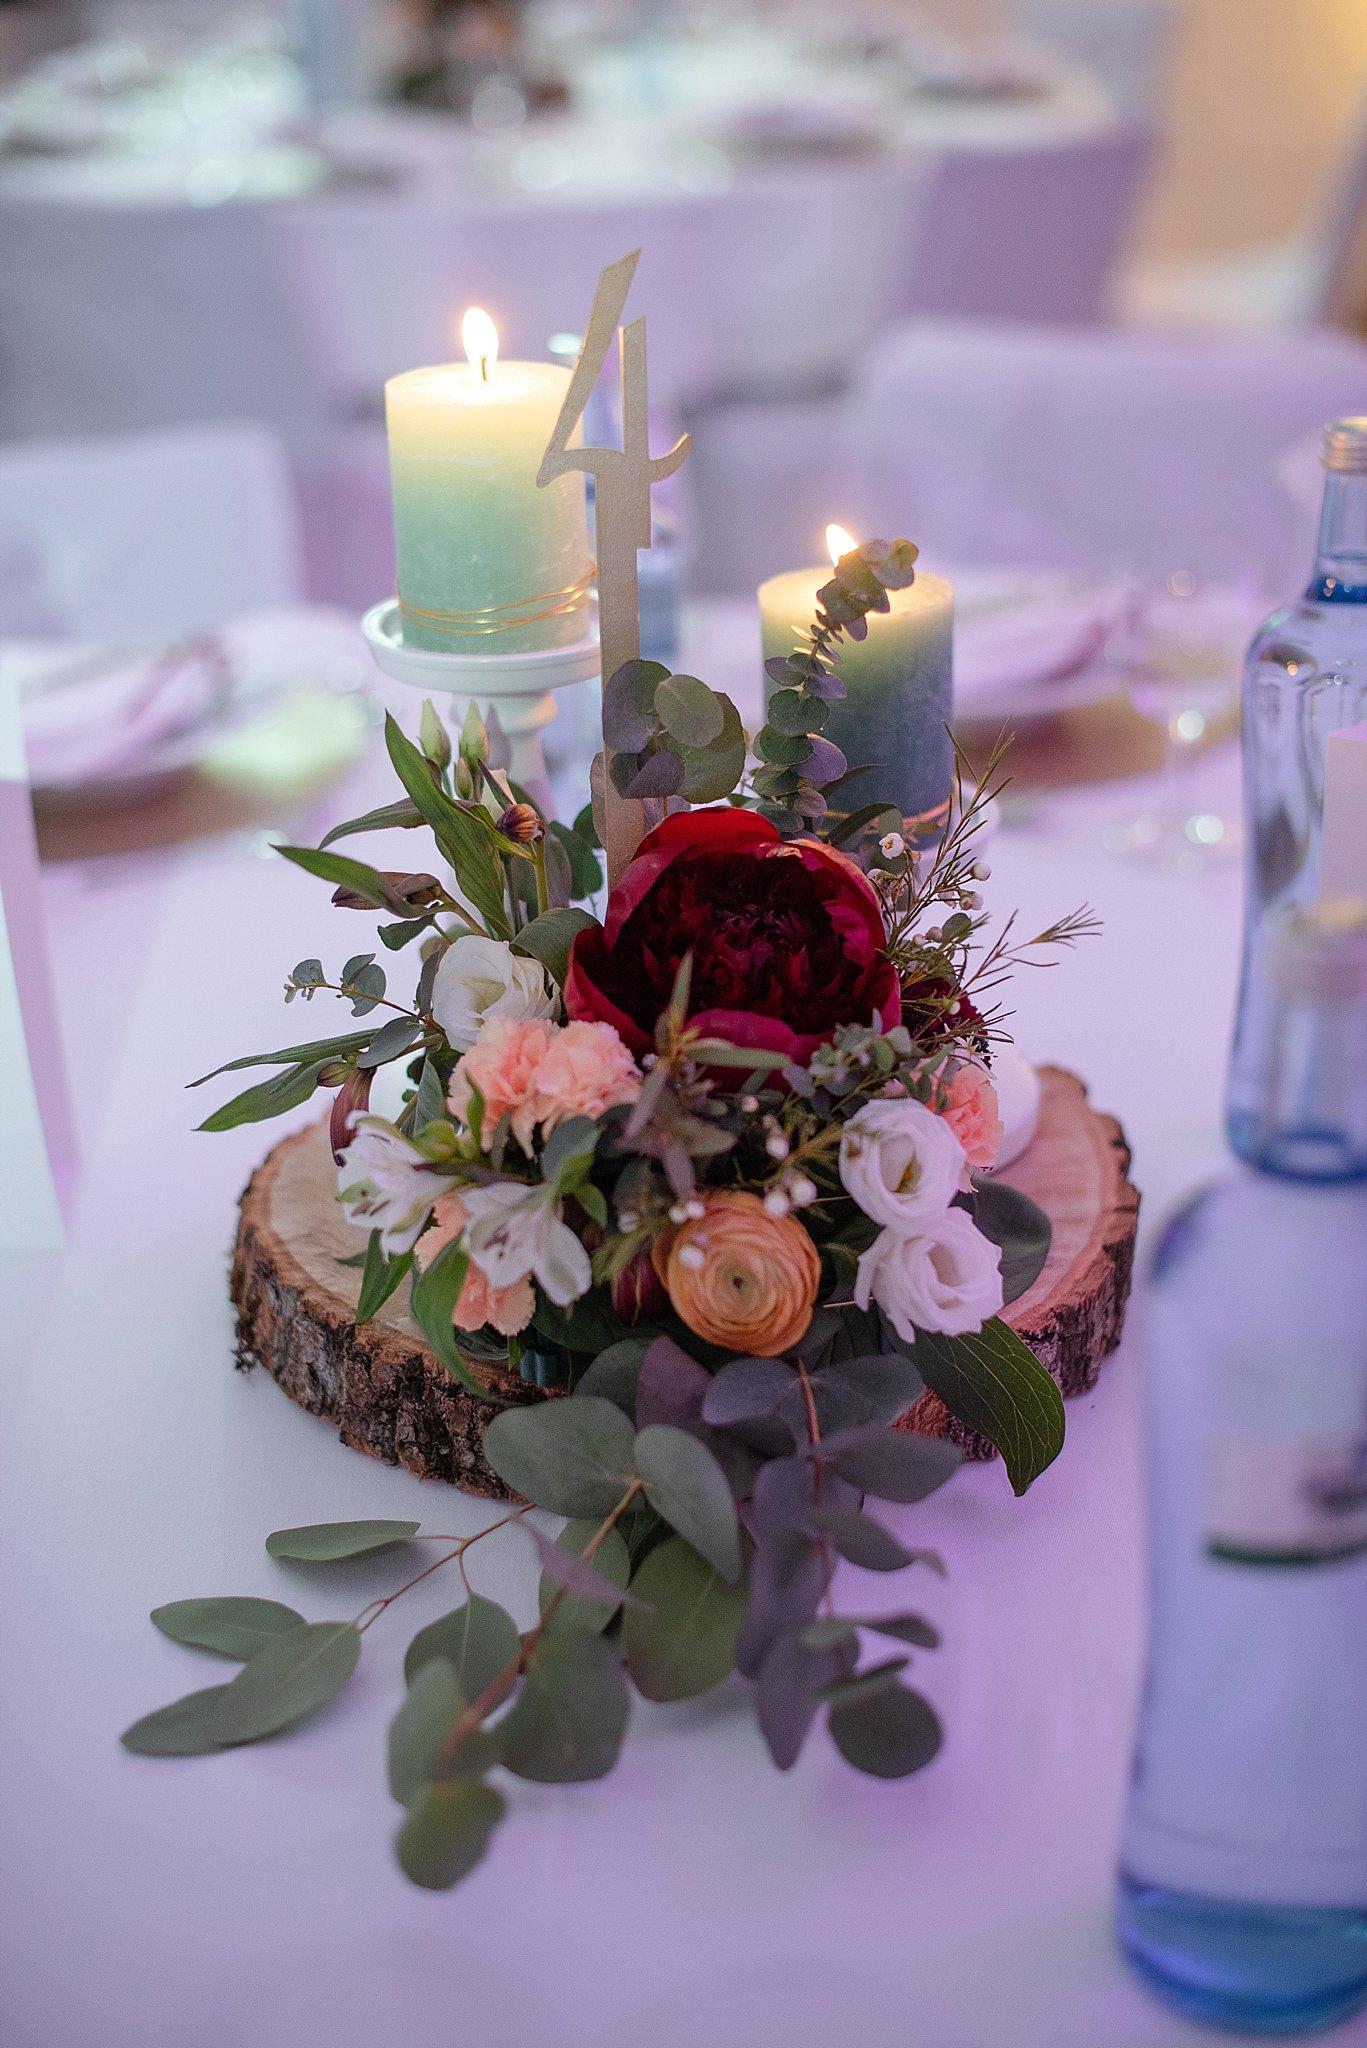 Hochzeit-von-Marina-Dominik-auf-Burg-Wernberg-und-Schloss-Friedrichsburg-00005